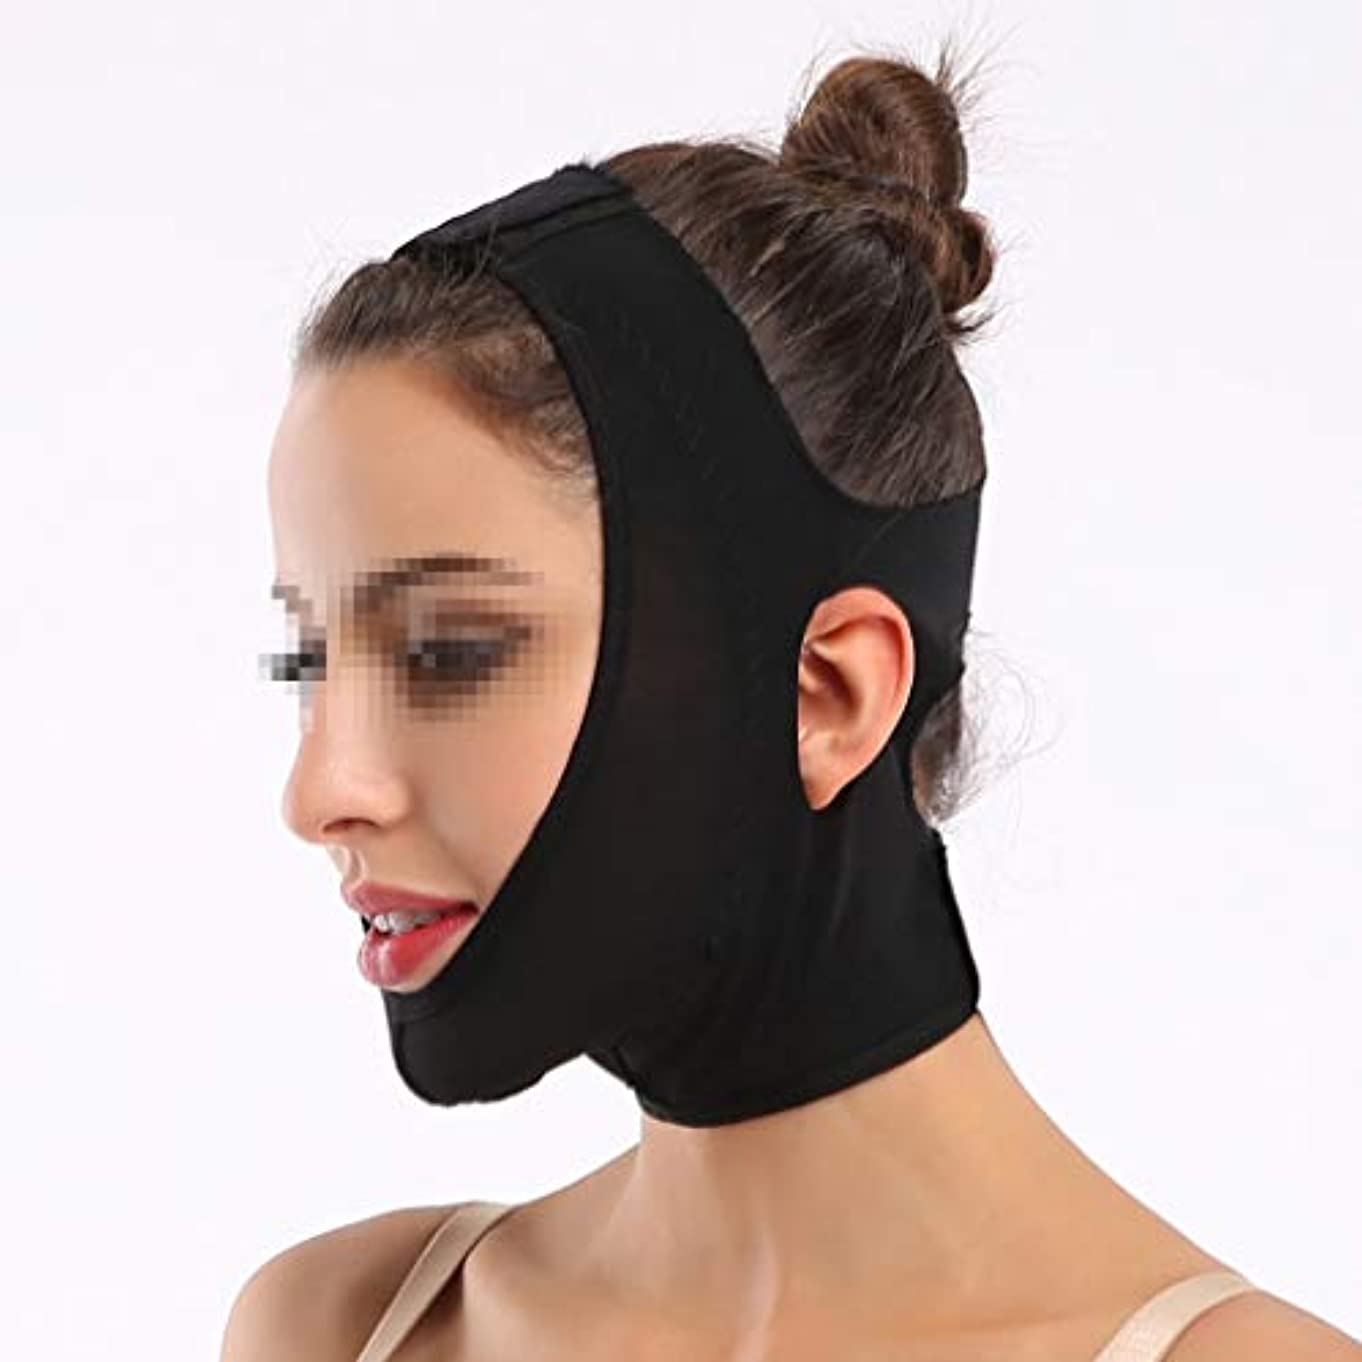 ファシズムバンジョーカンガルーVフェイスマスク、包帯マスクを持ち上げて引き締めるスキニービューティーサロン1日2時間Vフェイスマッサージ術後回復